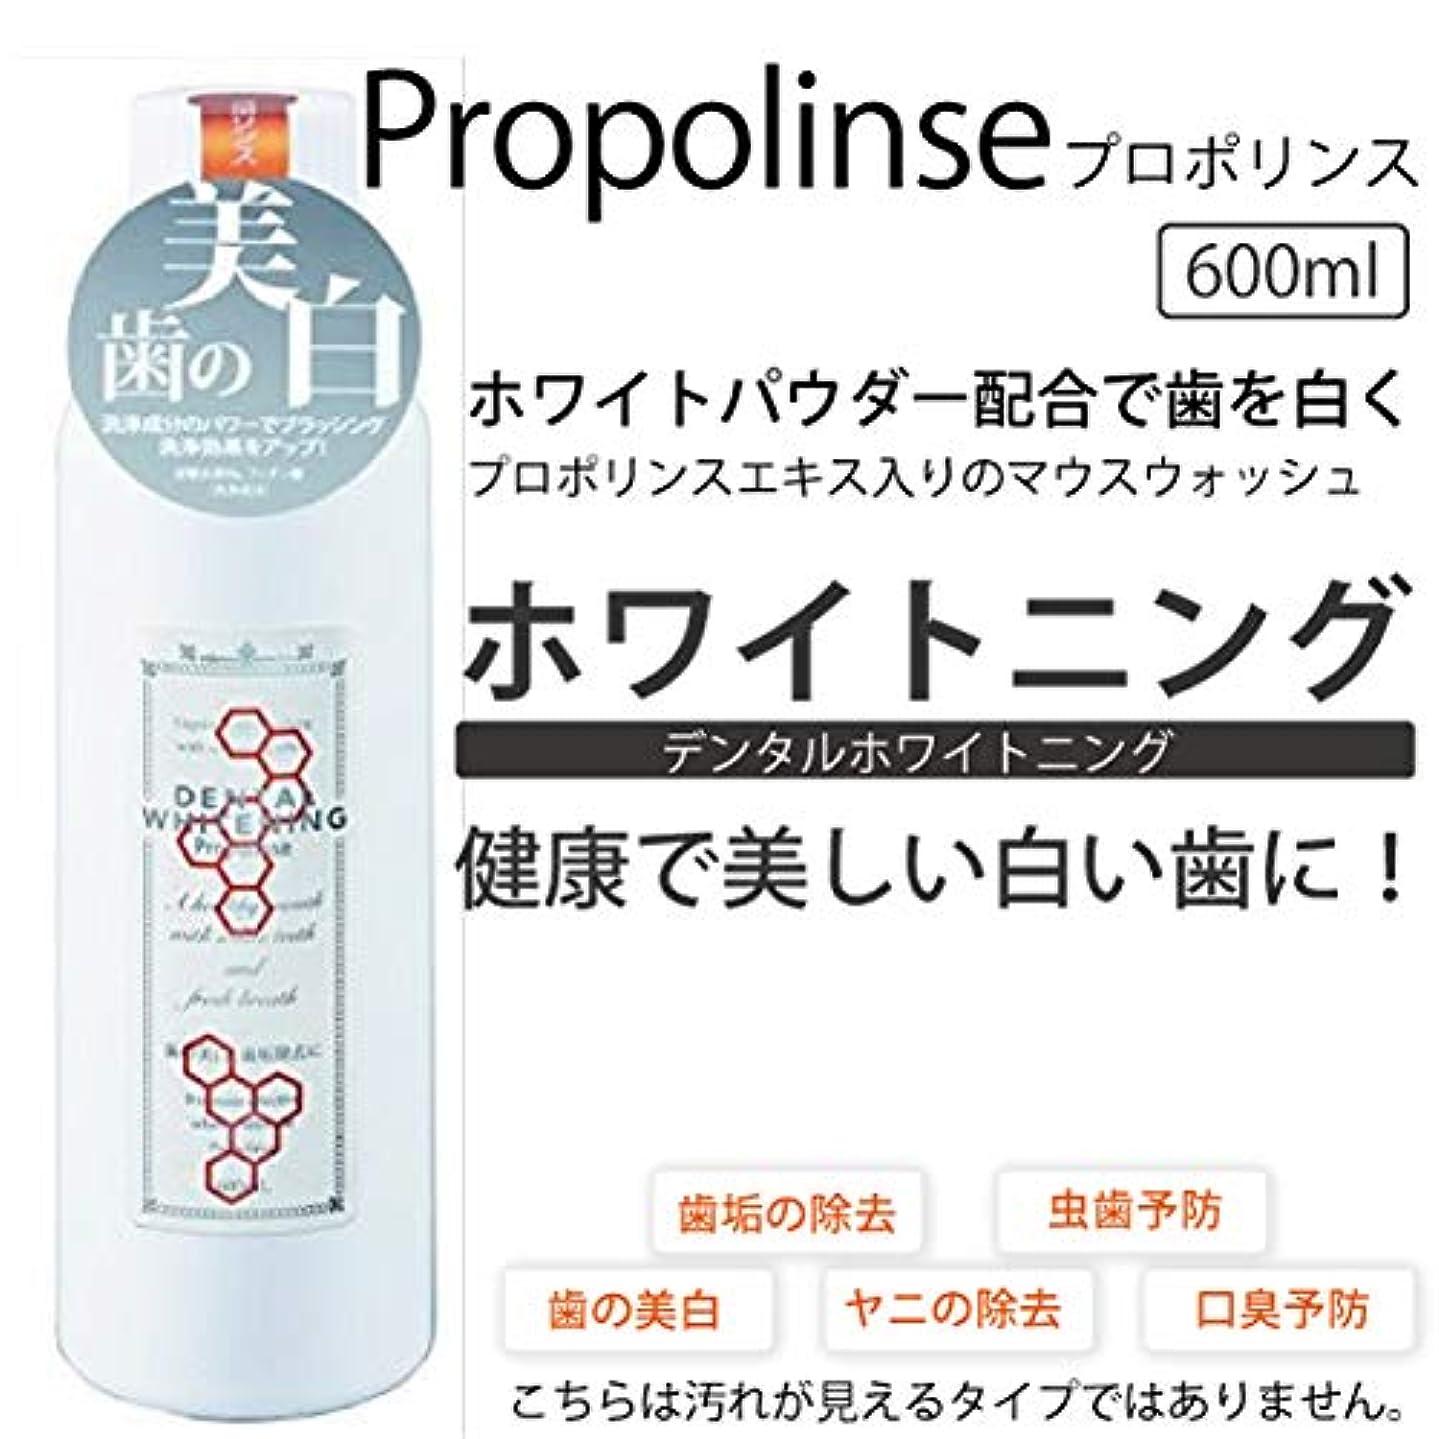 植木小麦粉ストライドプロポリンス マウスウォッシュ デンタルホワイトニング (ホワイトパウダー配合で歯を白く) 600ml [30本セット] 口臭対策